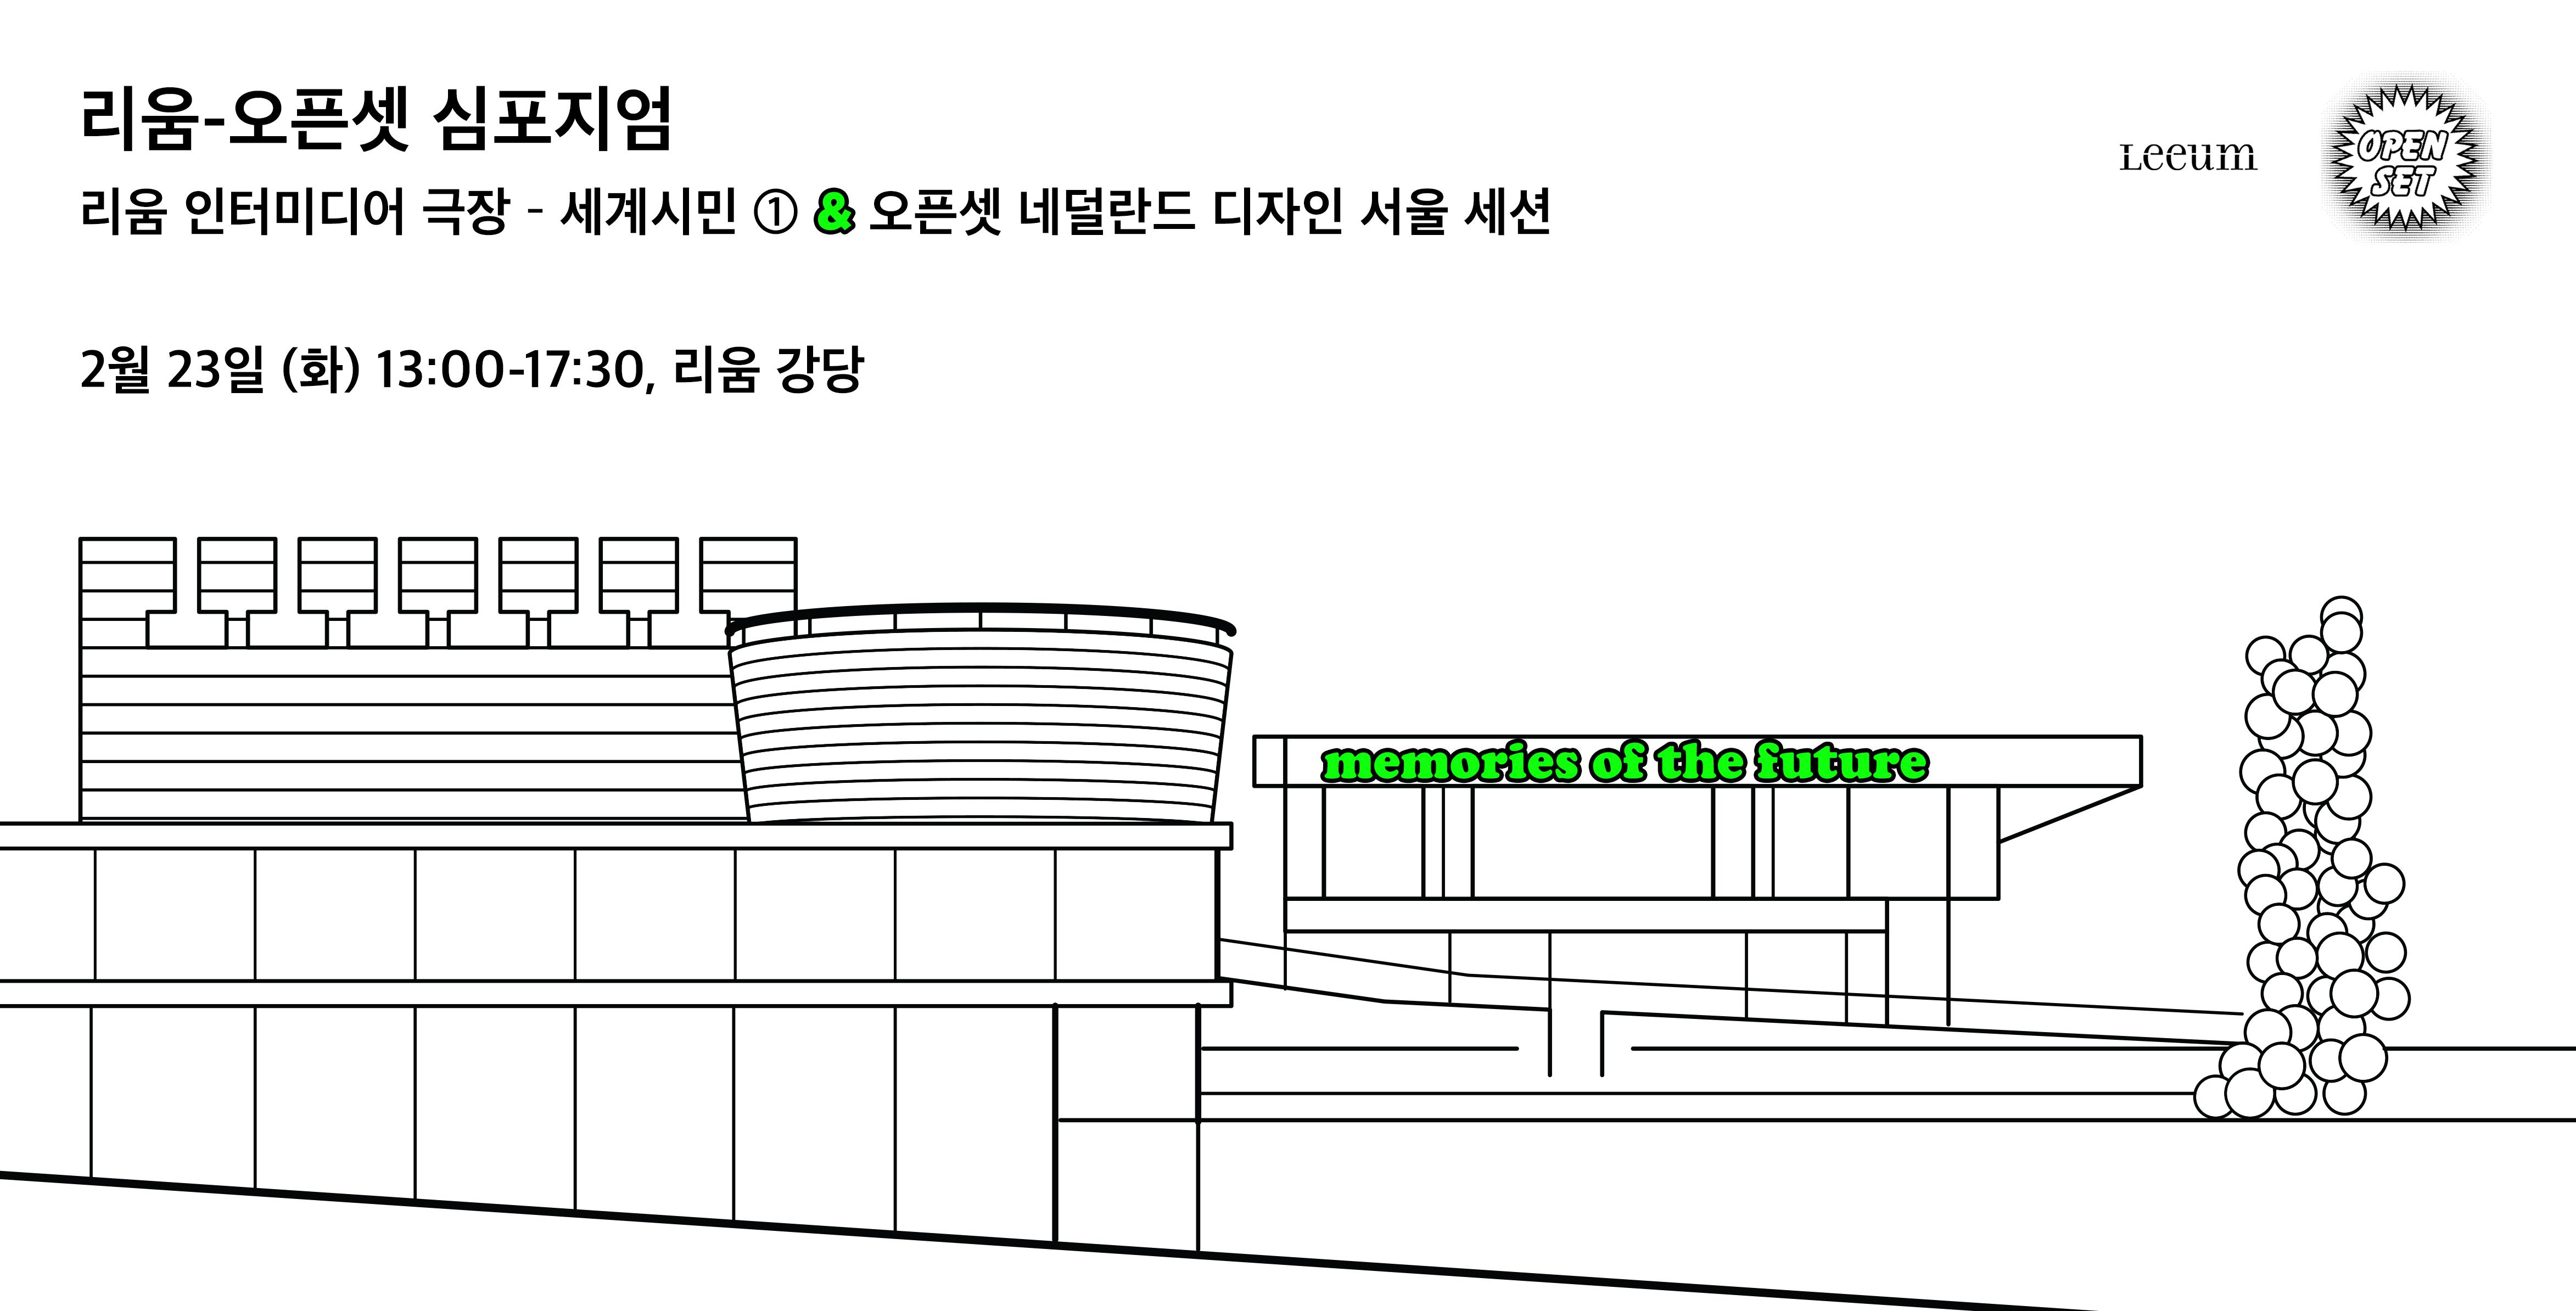 리움-오픈셋 심포지엄 2월 23일 (화) 13:00-17:30, 리움 강당